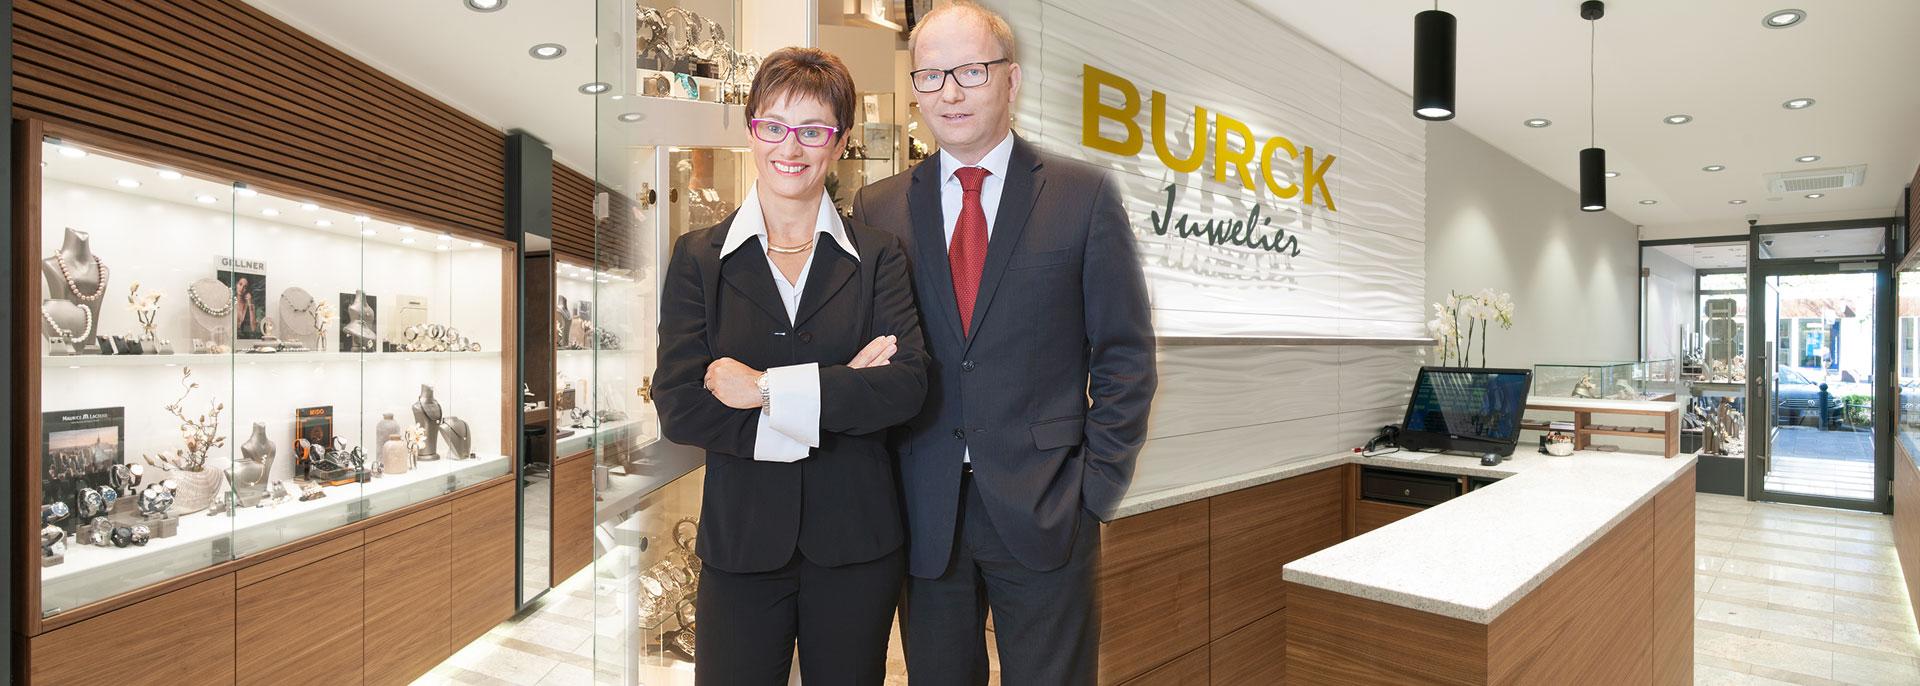 Juwelier BURCK 004